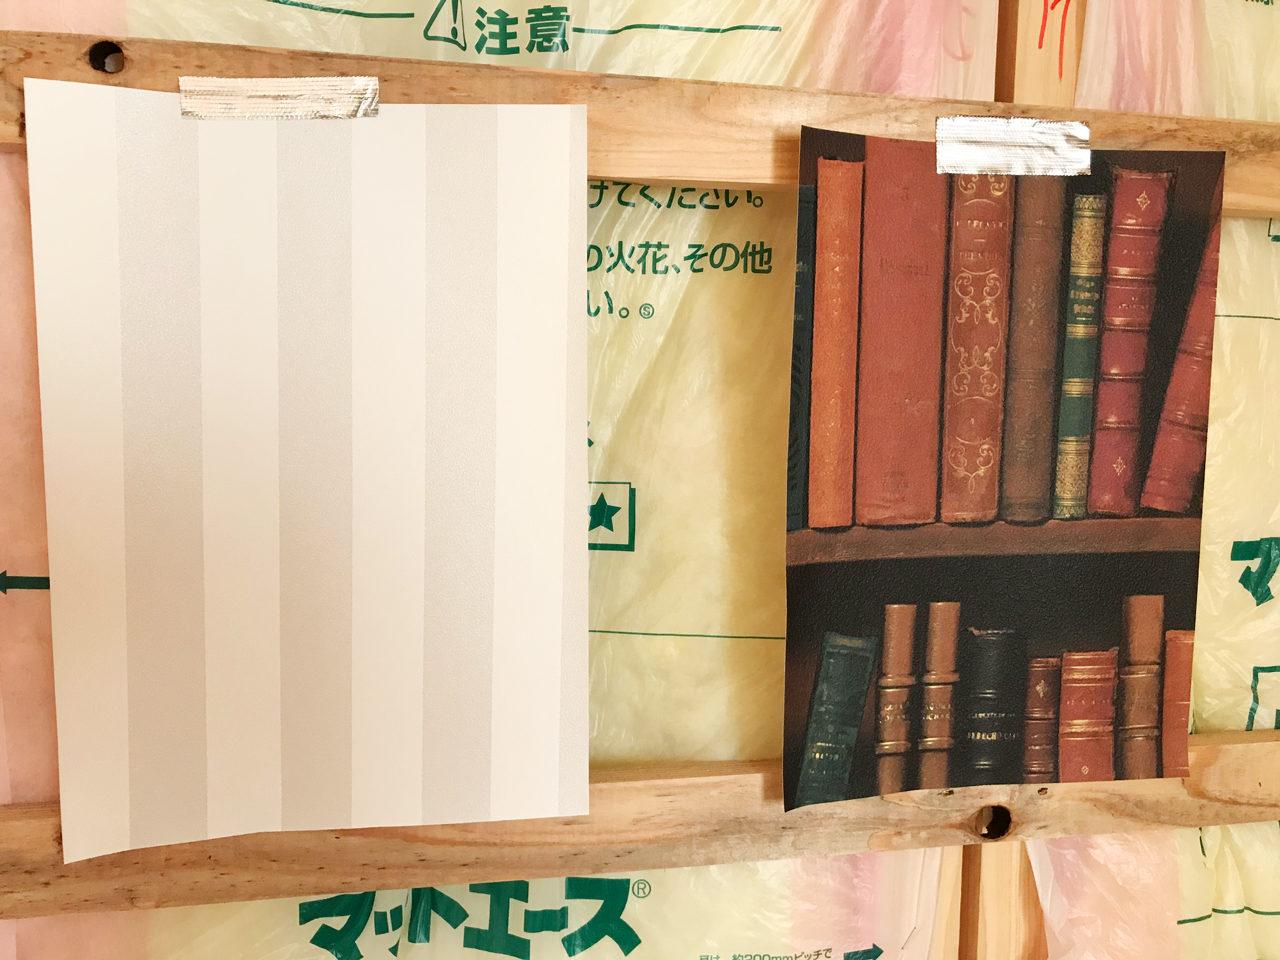 設計・デザインをさせていただいた注文住宅のクロゼット内壁紙の打ち合わせ